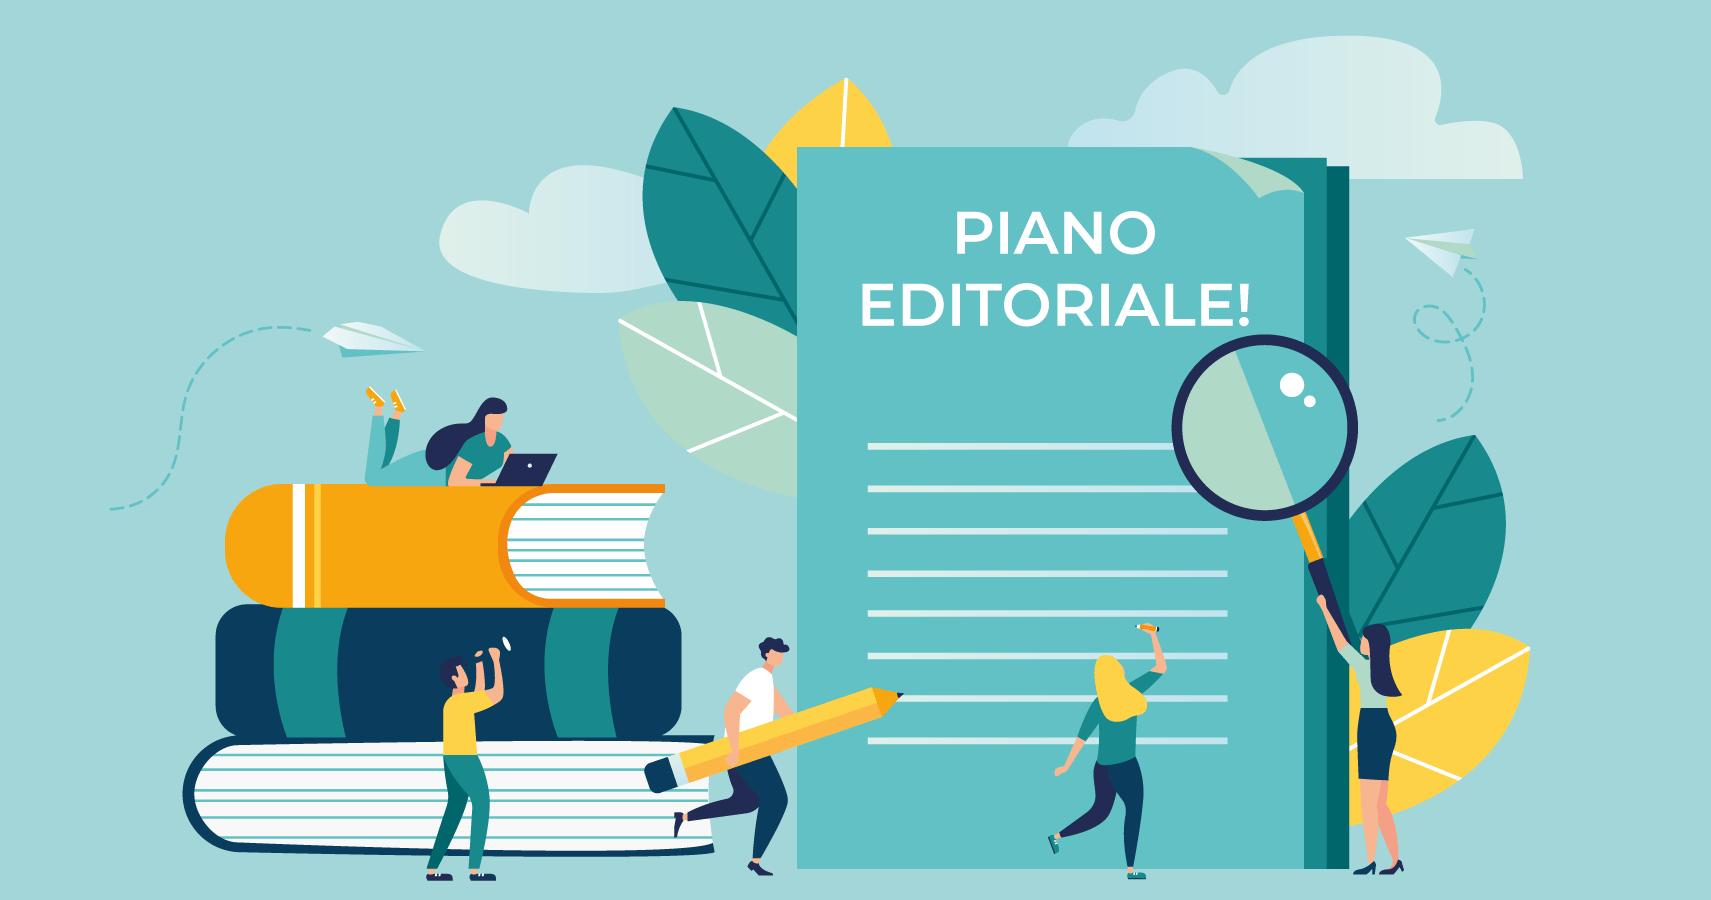 Come scrivere il piano editoriale per il Blog - Background